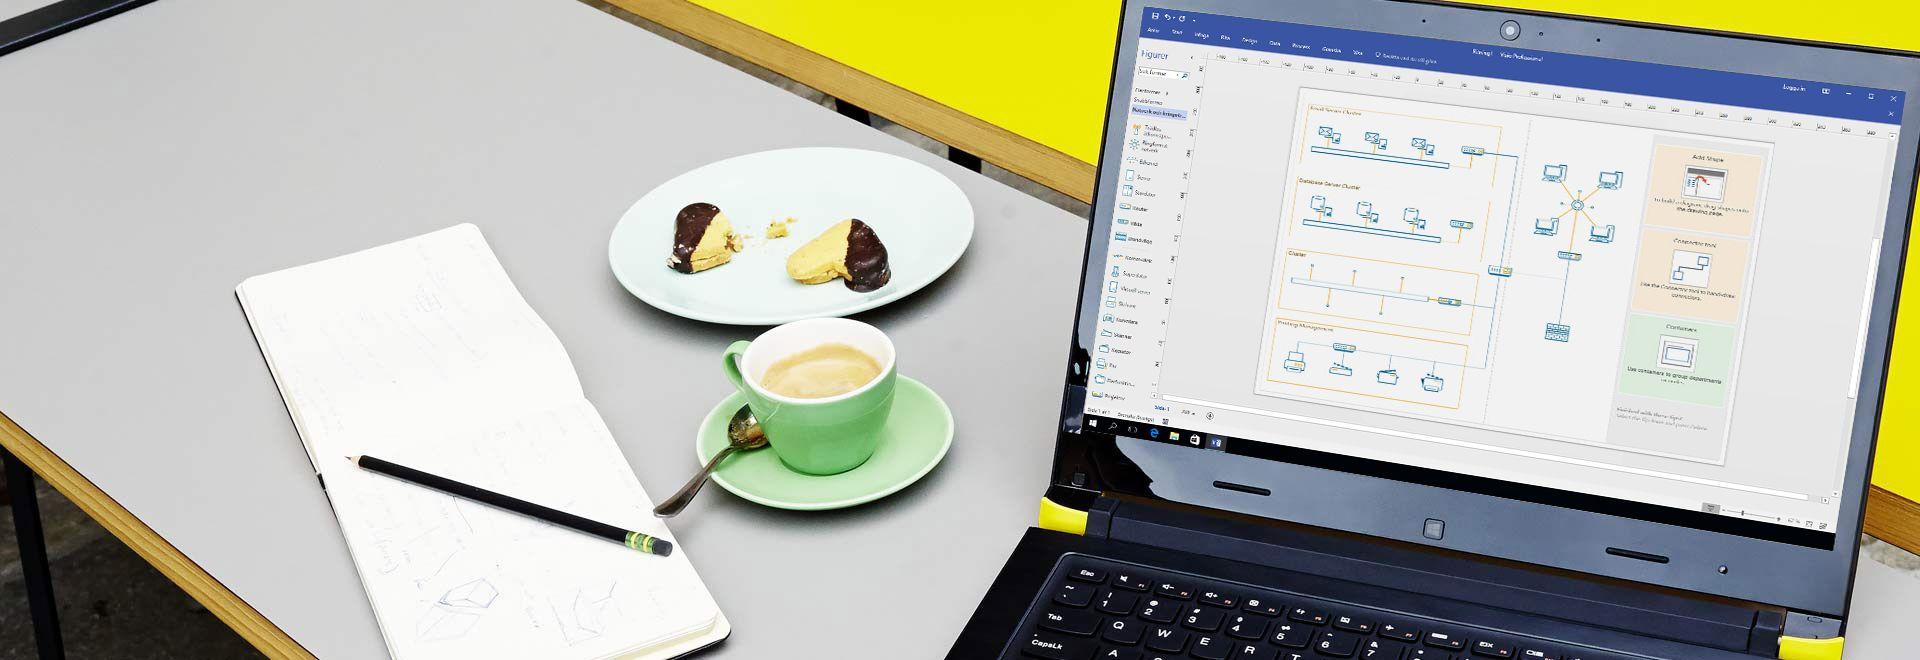 Närbild av ett bord med en bärbar dator som visar en bild av ett Visio-diagram med redigeringsband och -fönster